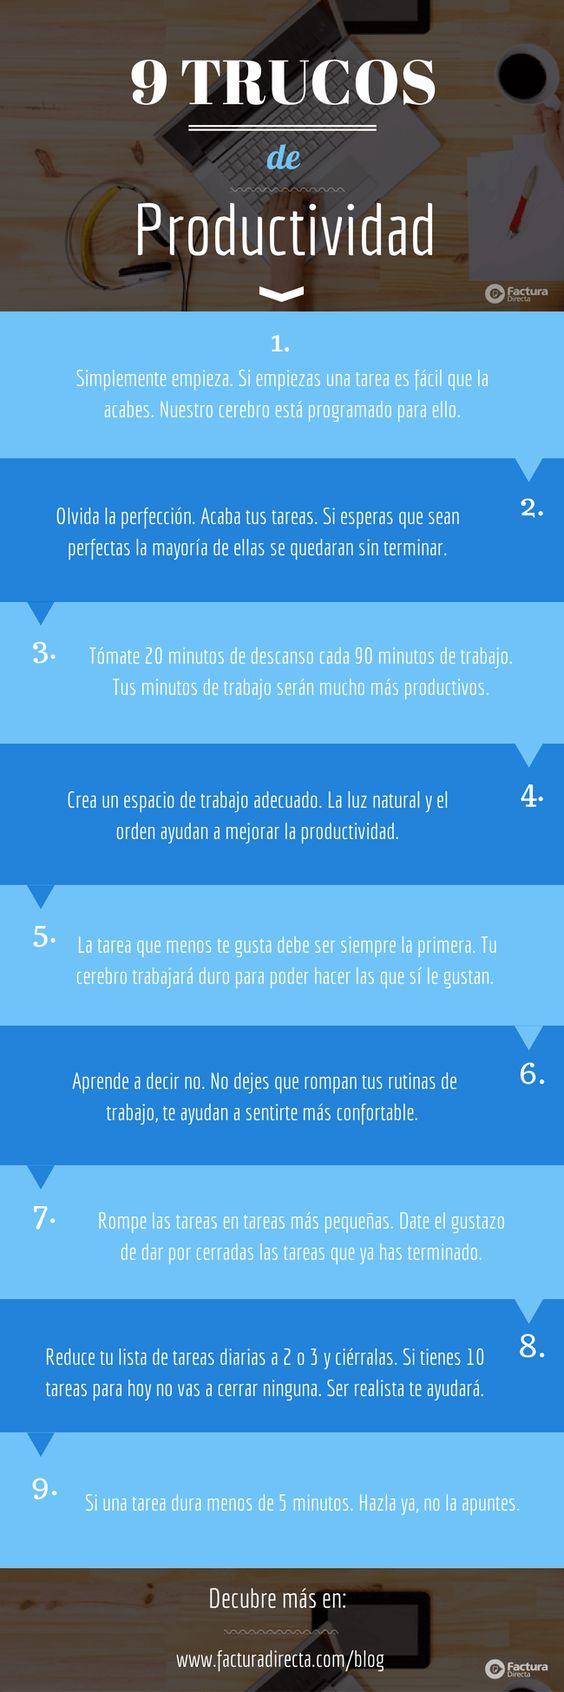 9 trucos para mejorar tu productividad